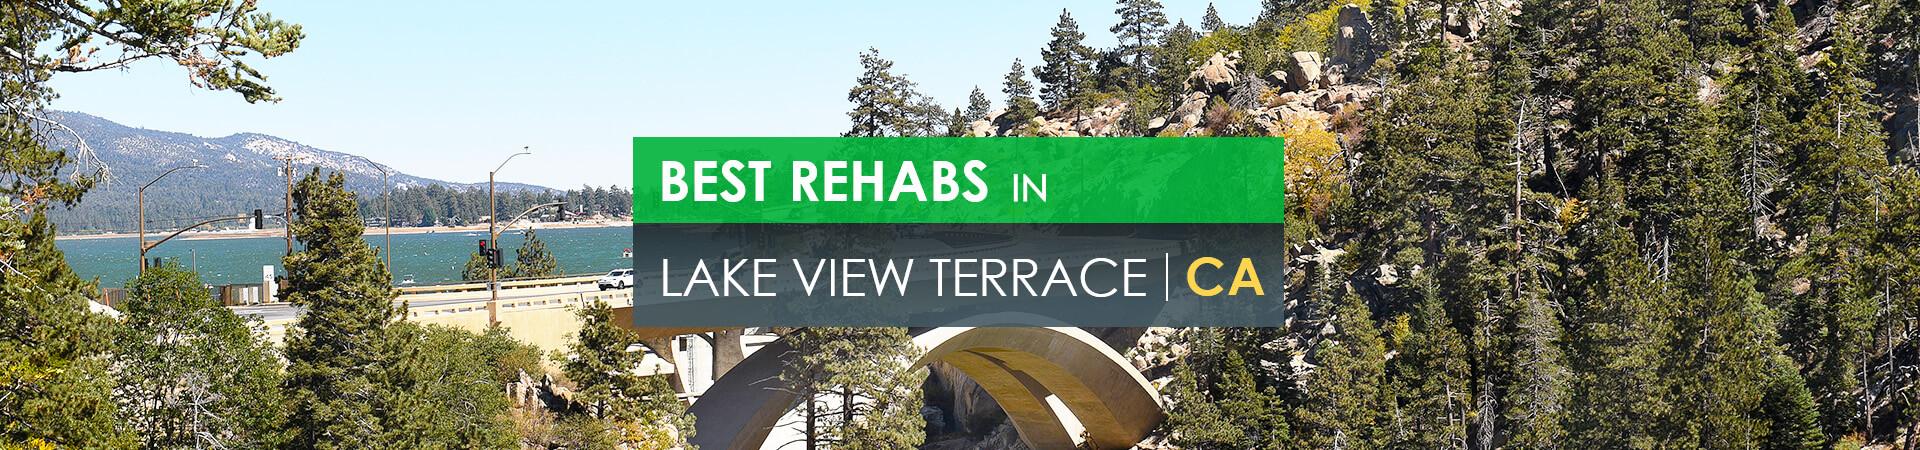 Best rehabs in Lake View Terrace, CA